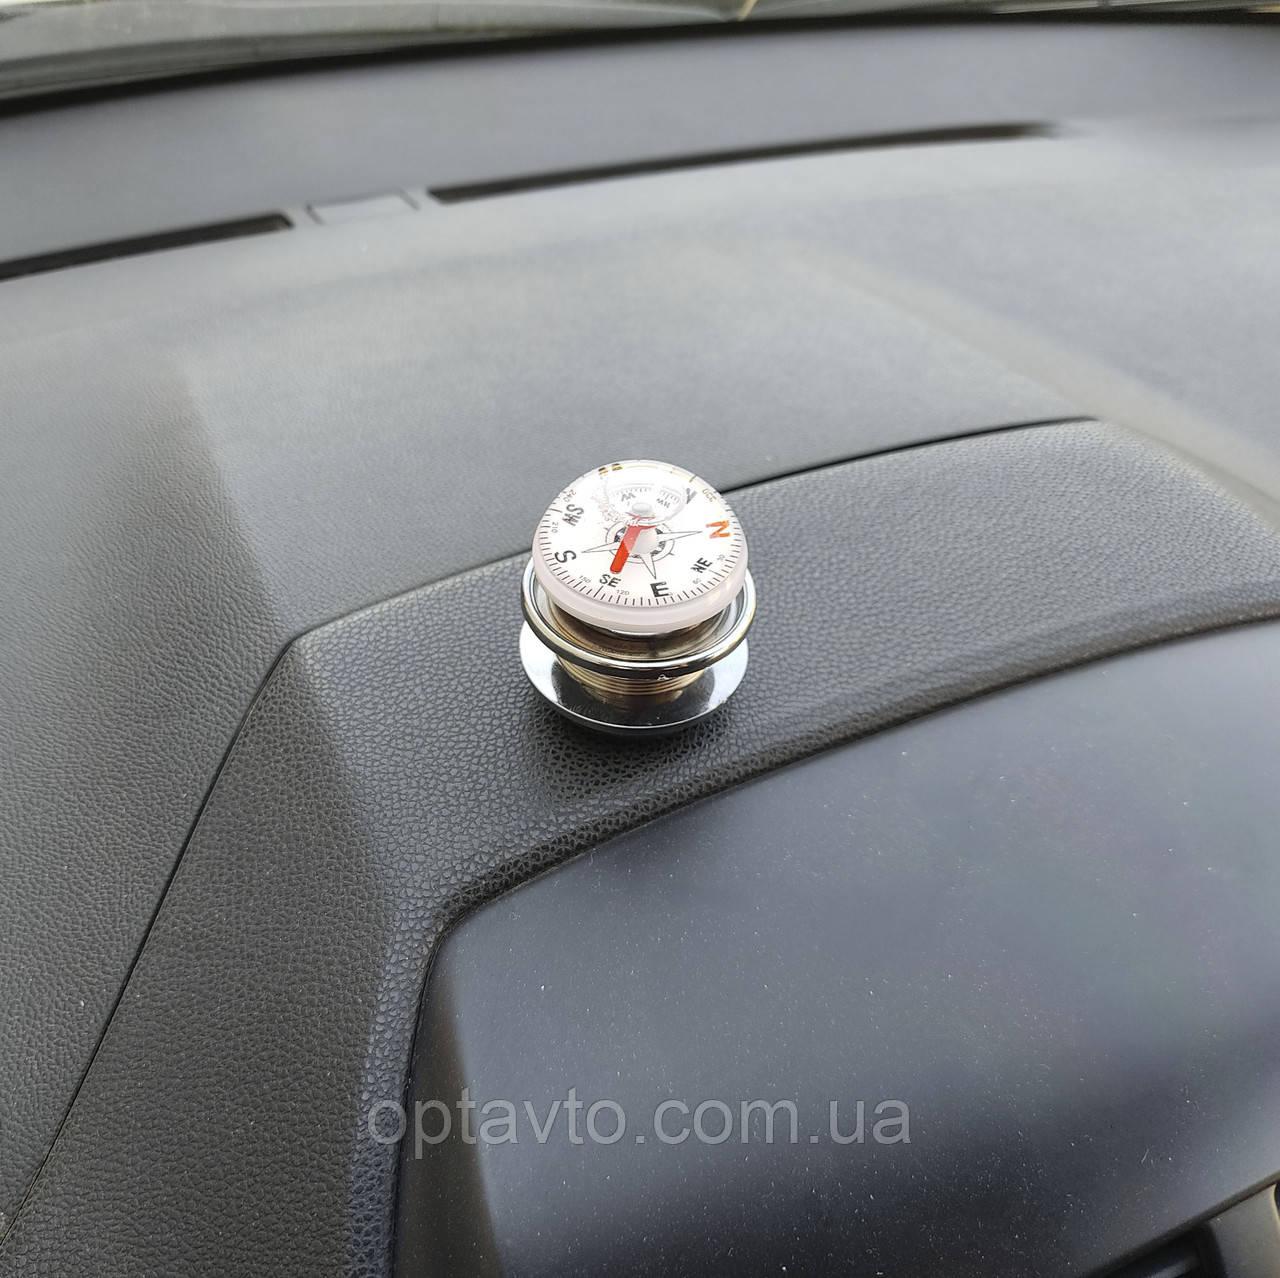 Компас - держатель для визиток, чеков и т.п. в автомобиль.